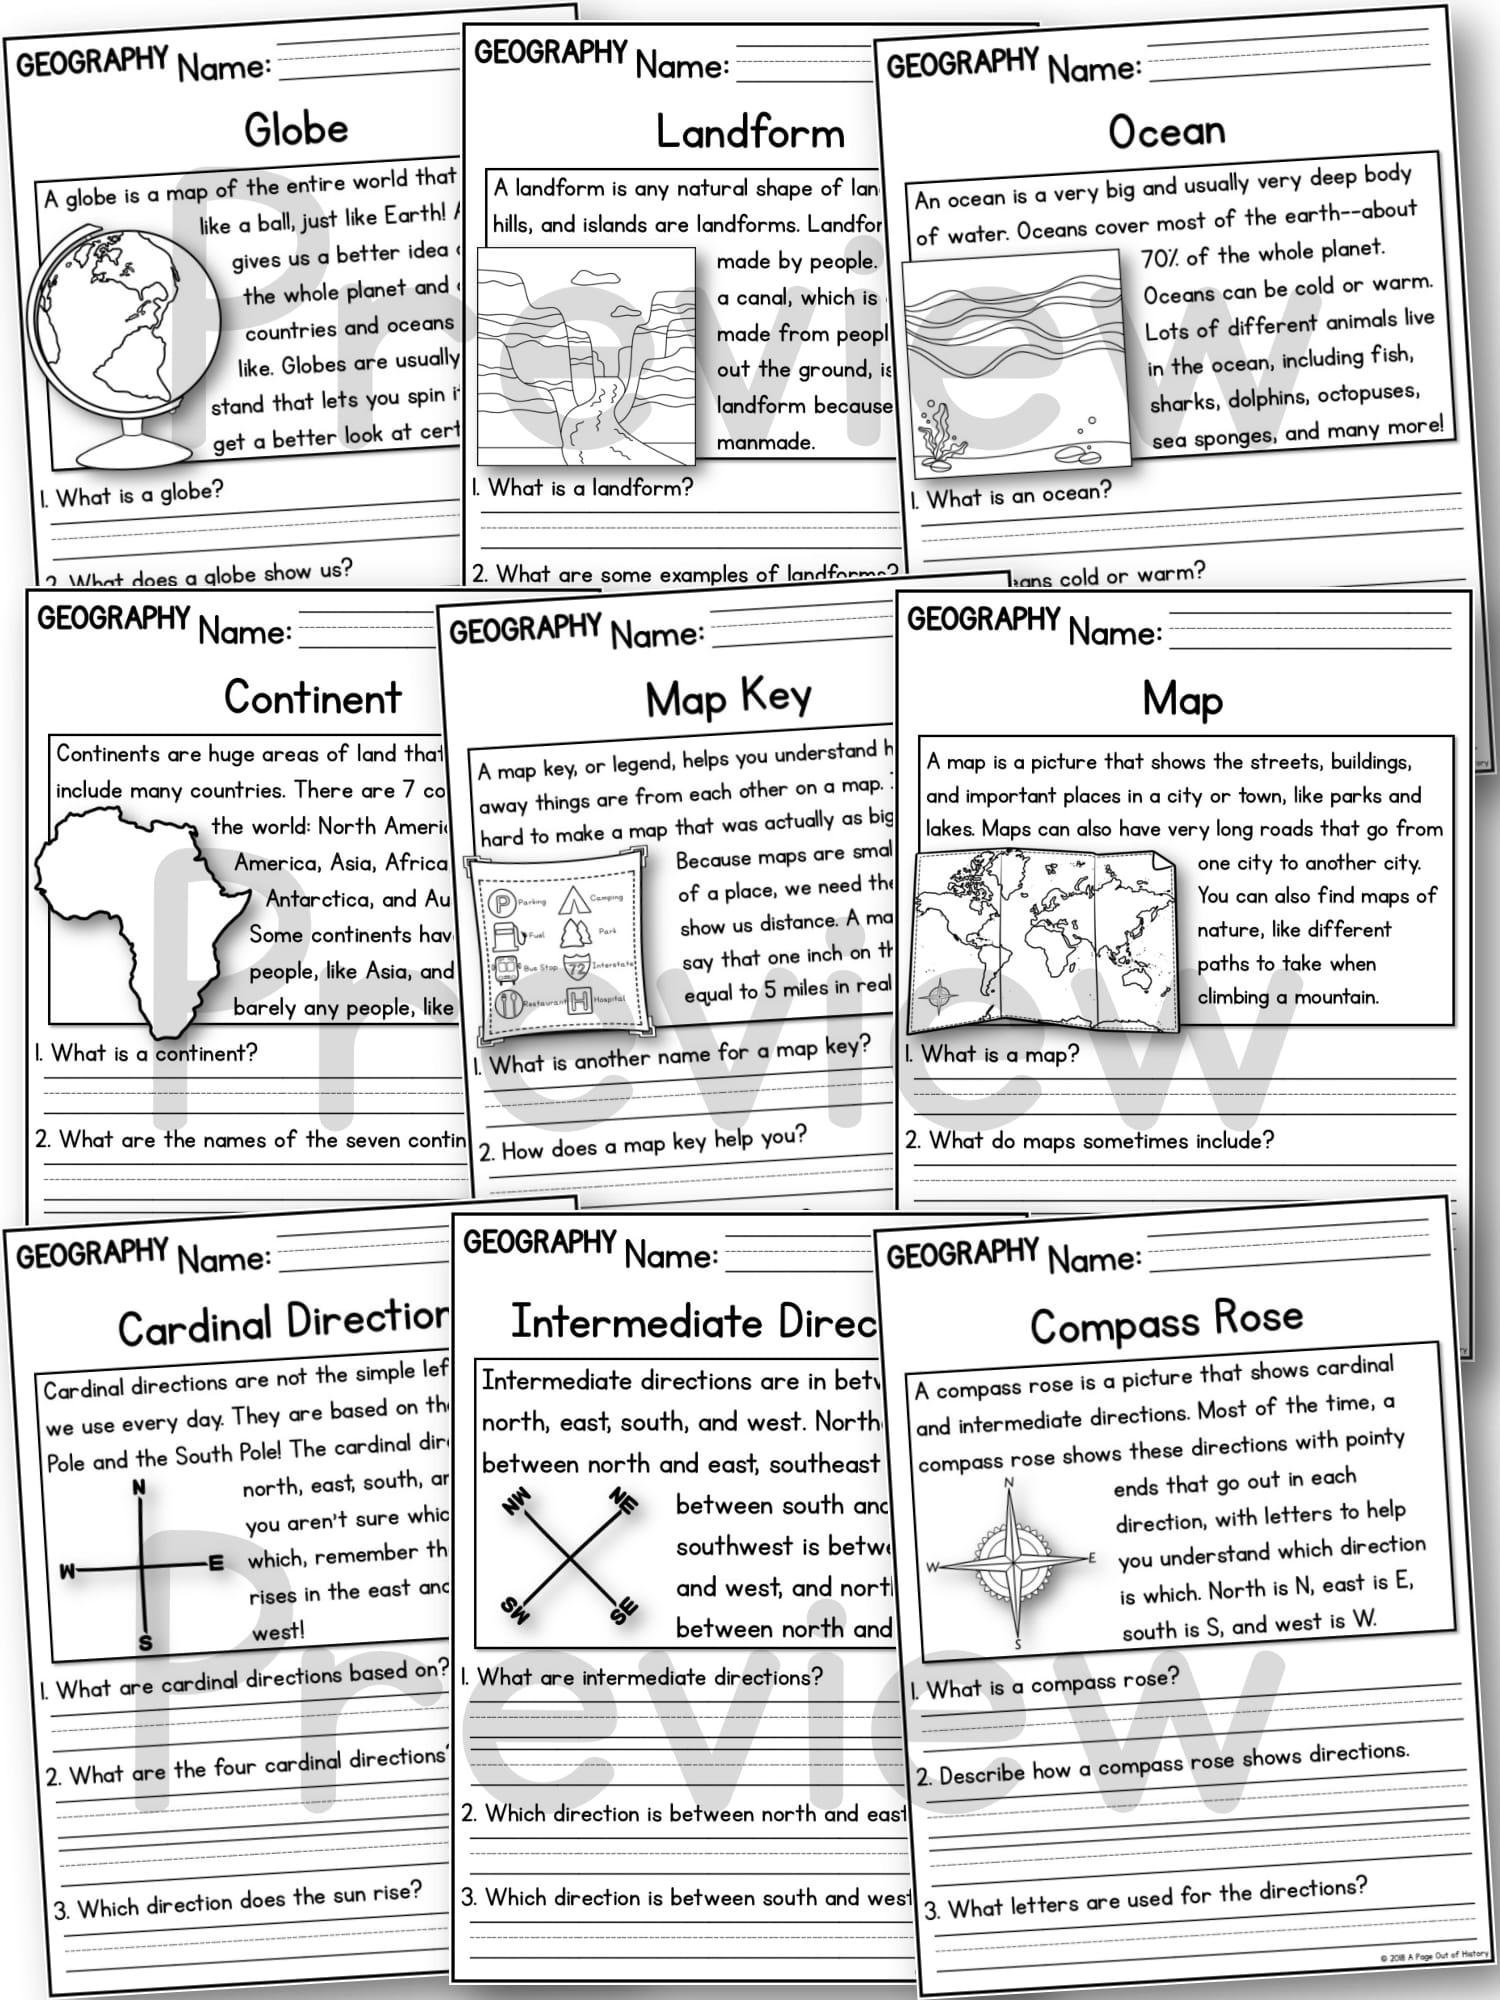 - K-2 Social Studies Reading Comprehension Passages Bundle - A Page